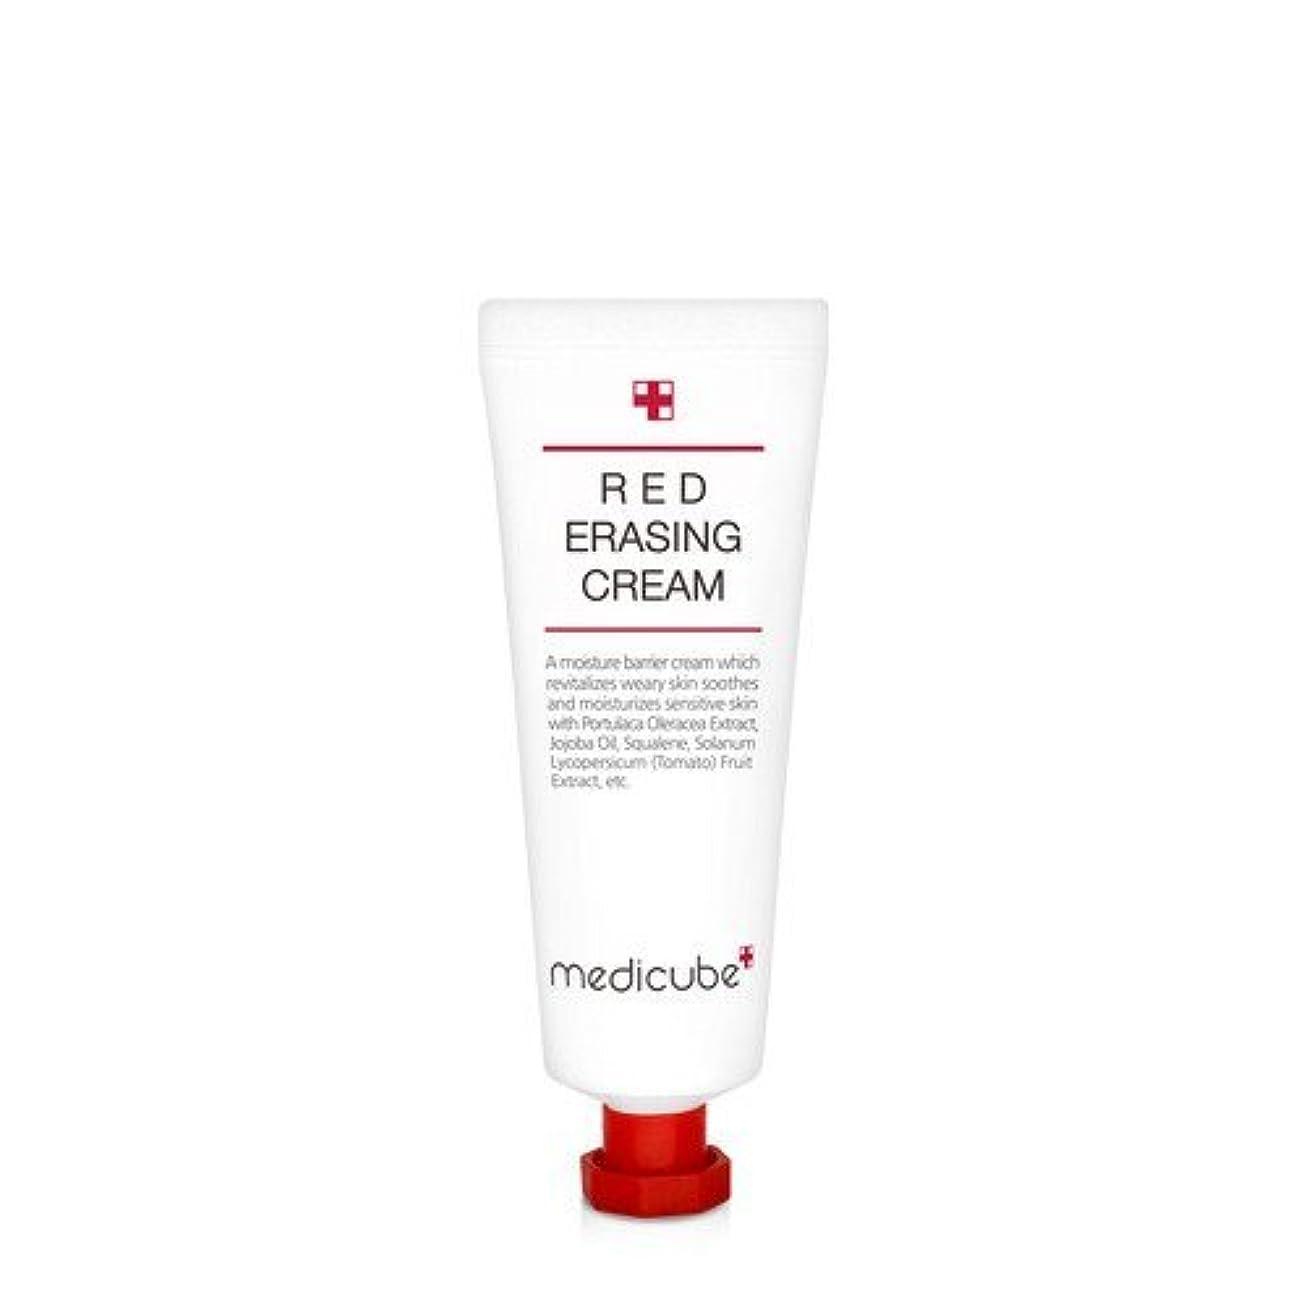 導体排泄する受取人[Medicube]Red Erasing Cream 50g / メディキューブレッドイレイジングクリーム / 正品?海外直送商品 [並行輸入品]